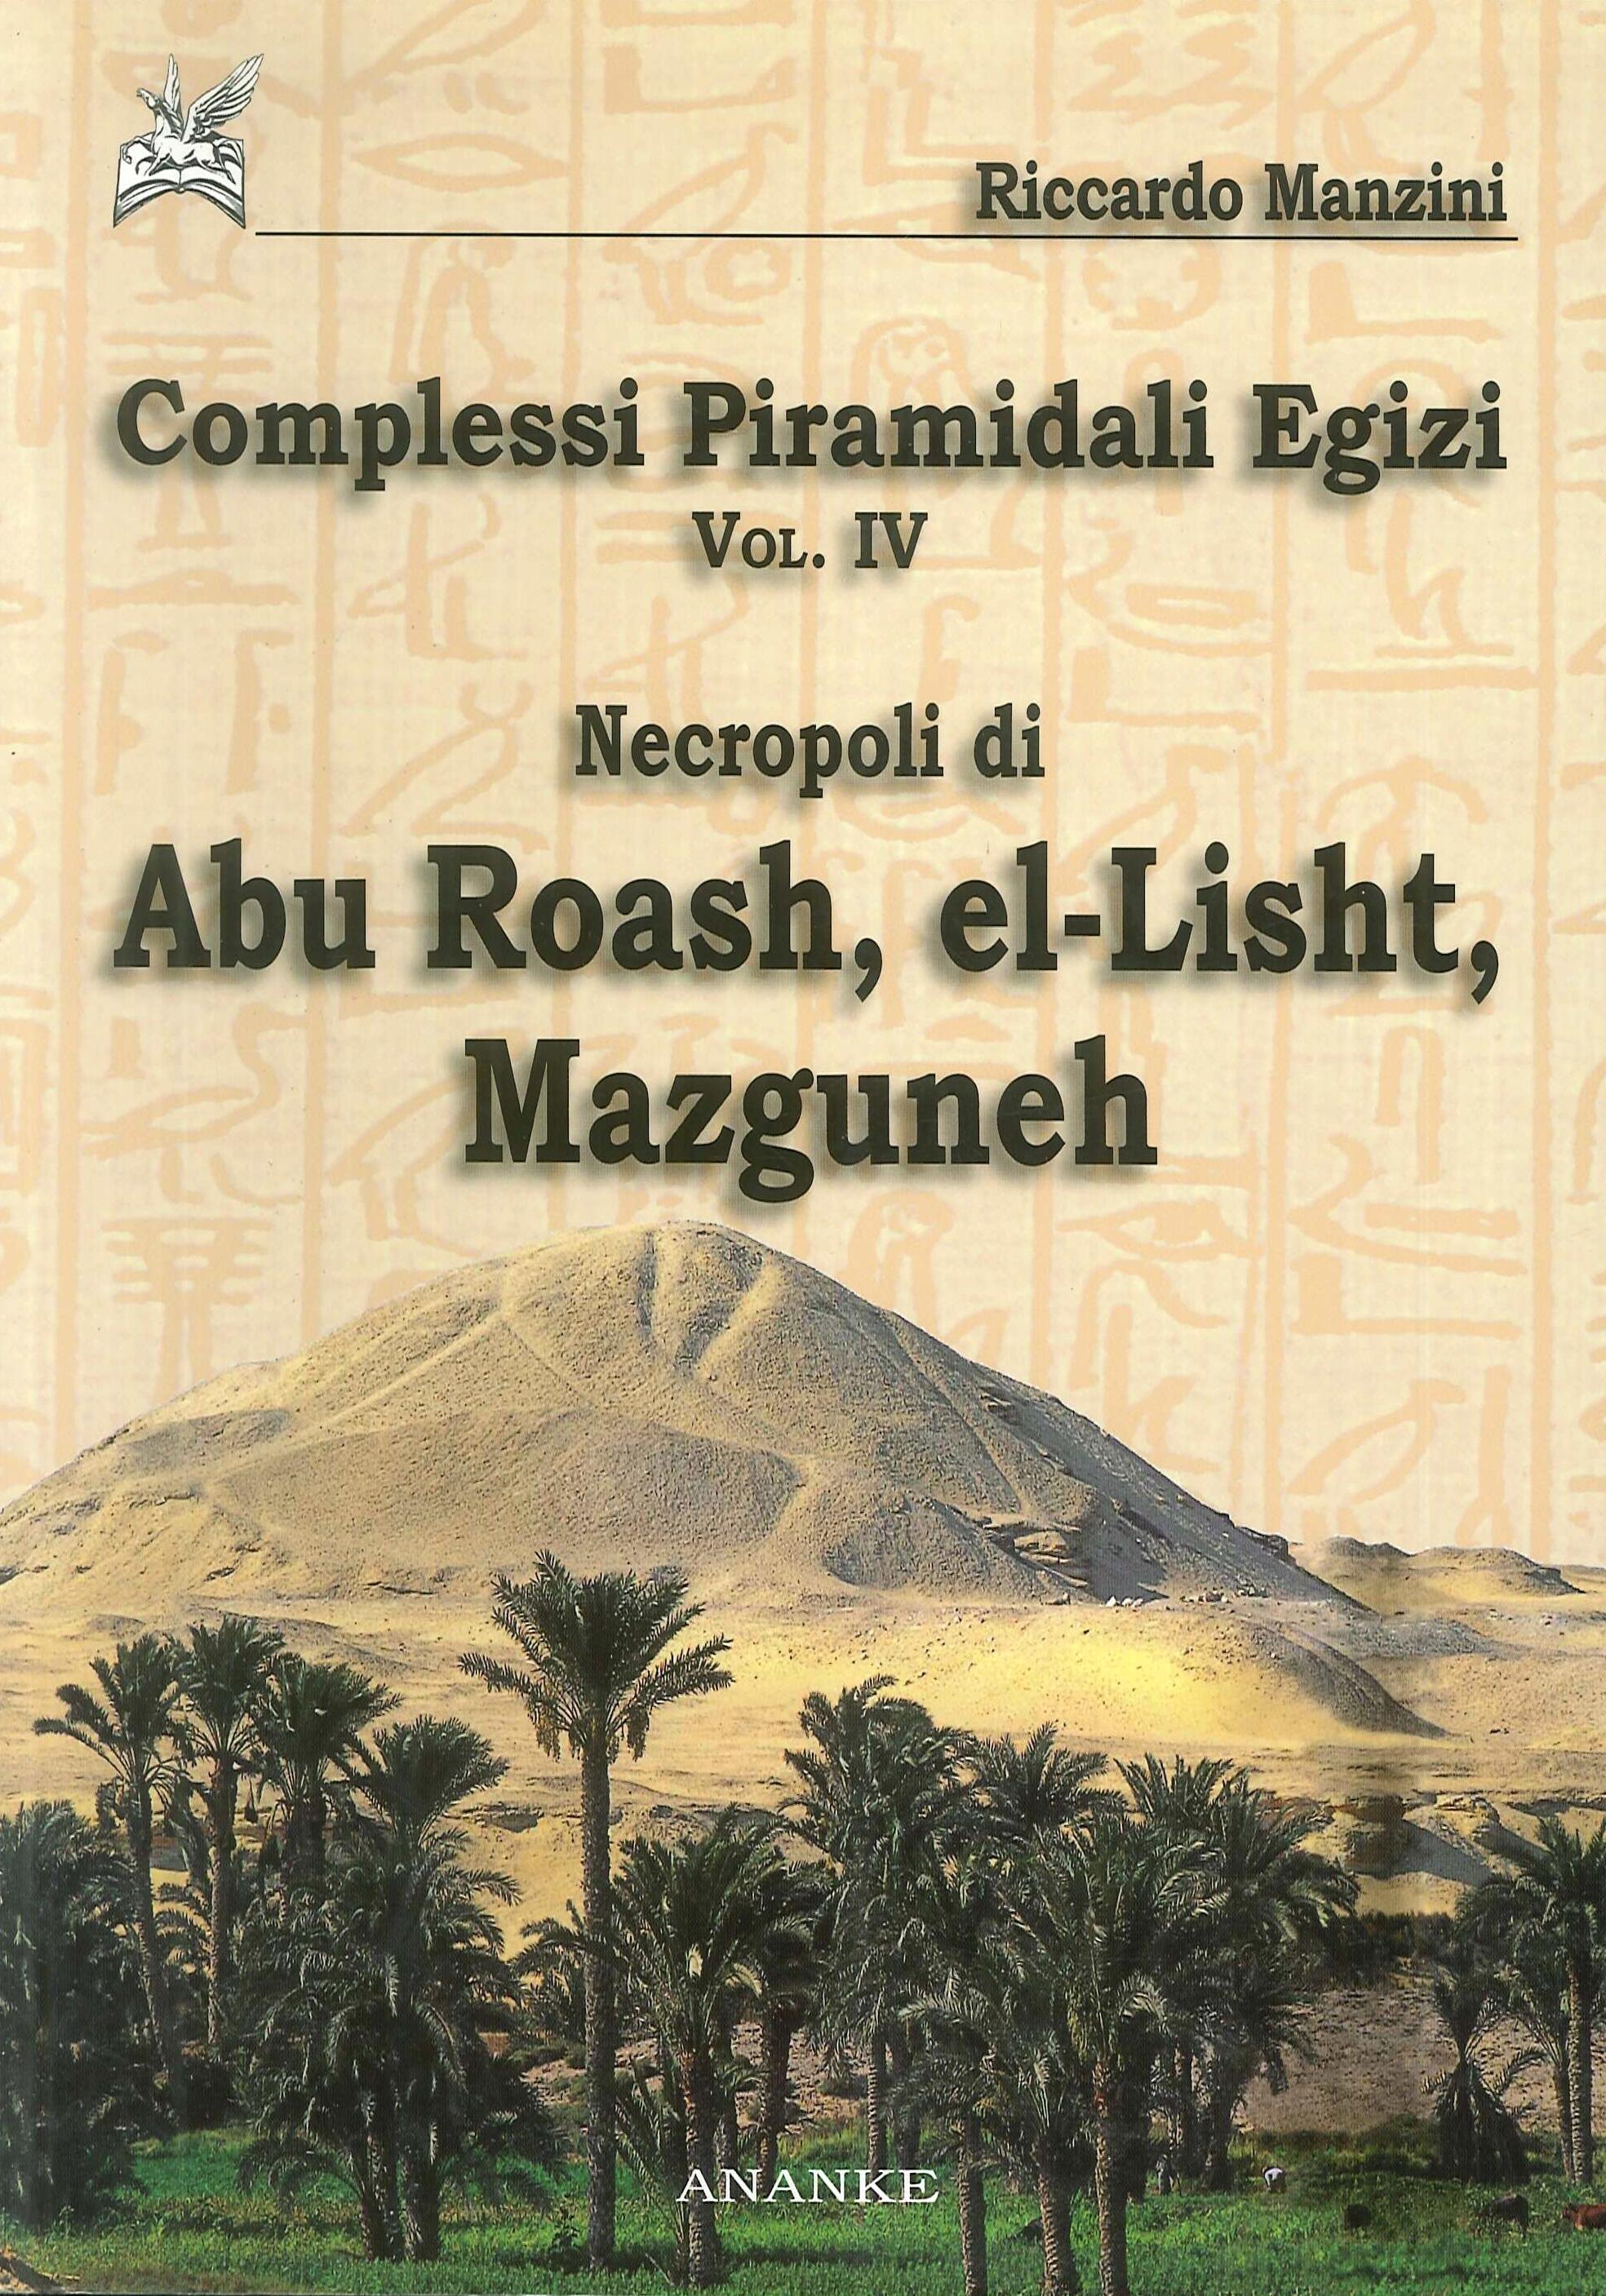 Complessi piramidali egizi. Vol. 4: Necropoli di Abu Roash, El-Lisht, Mazguneh